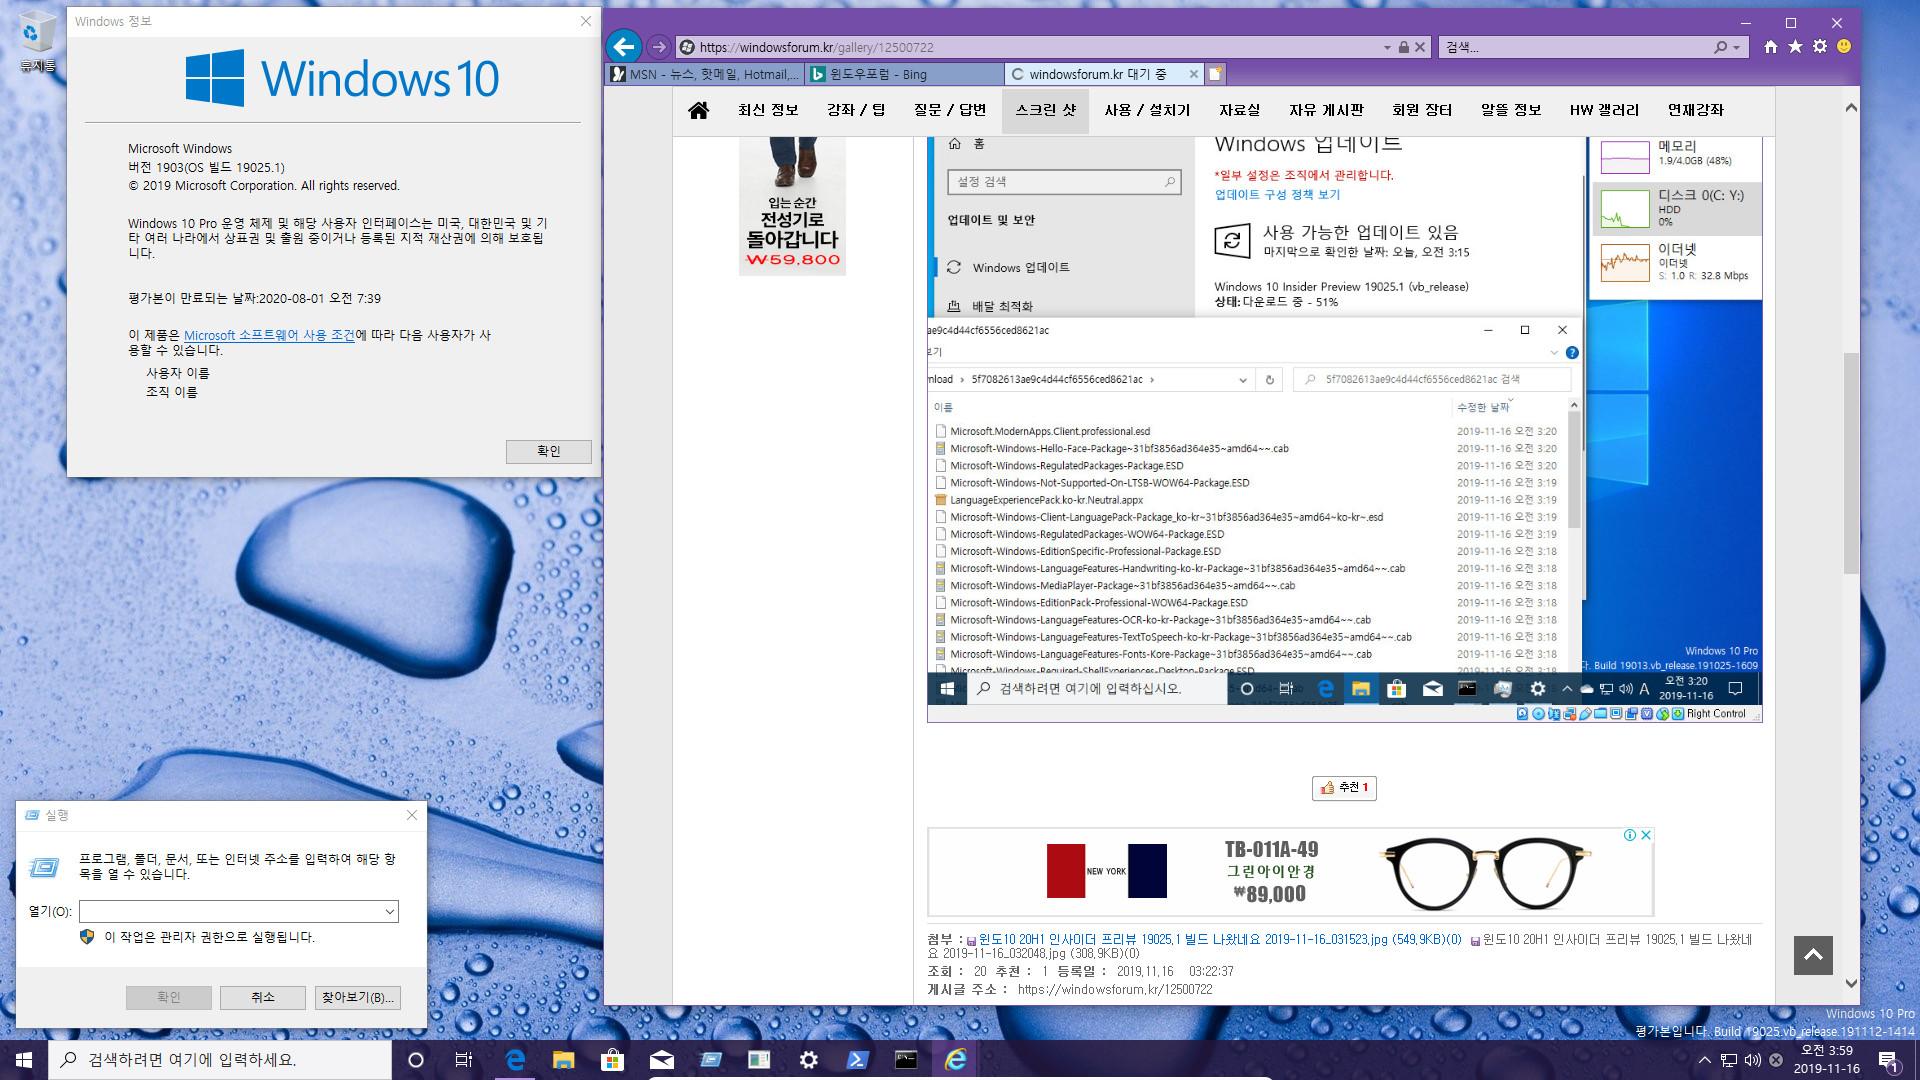 윈도10 20H1 인사이더 프리뷰 19025.1 빌드 나왔네요 - IE는 kb 크기의 파일을 다운로드하지 못 하네요 2019-11-16_035955.jpg